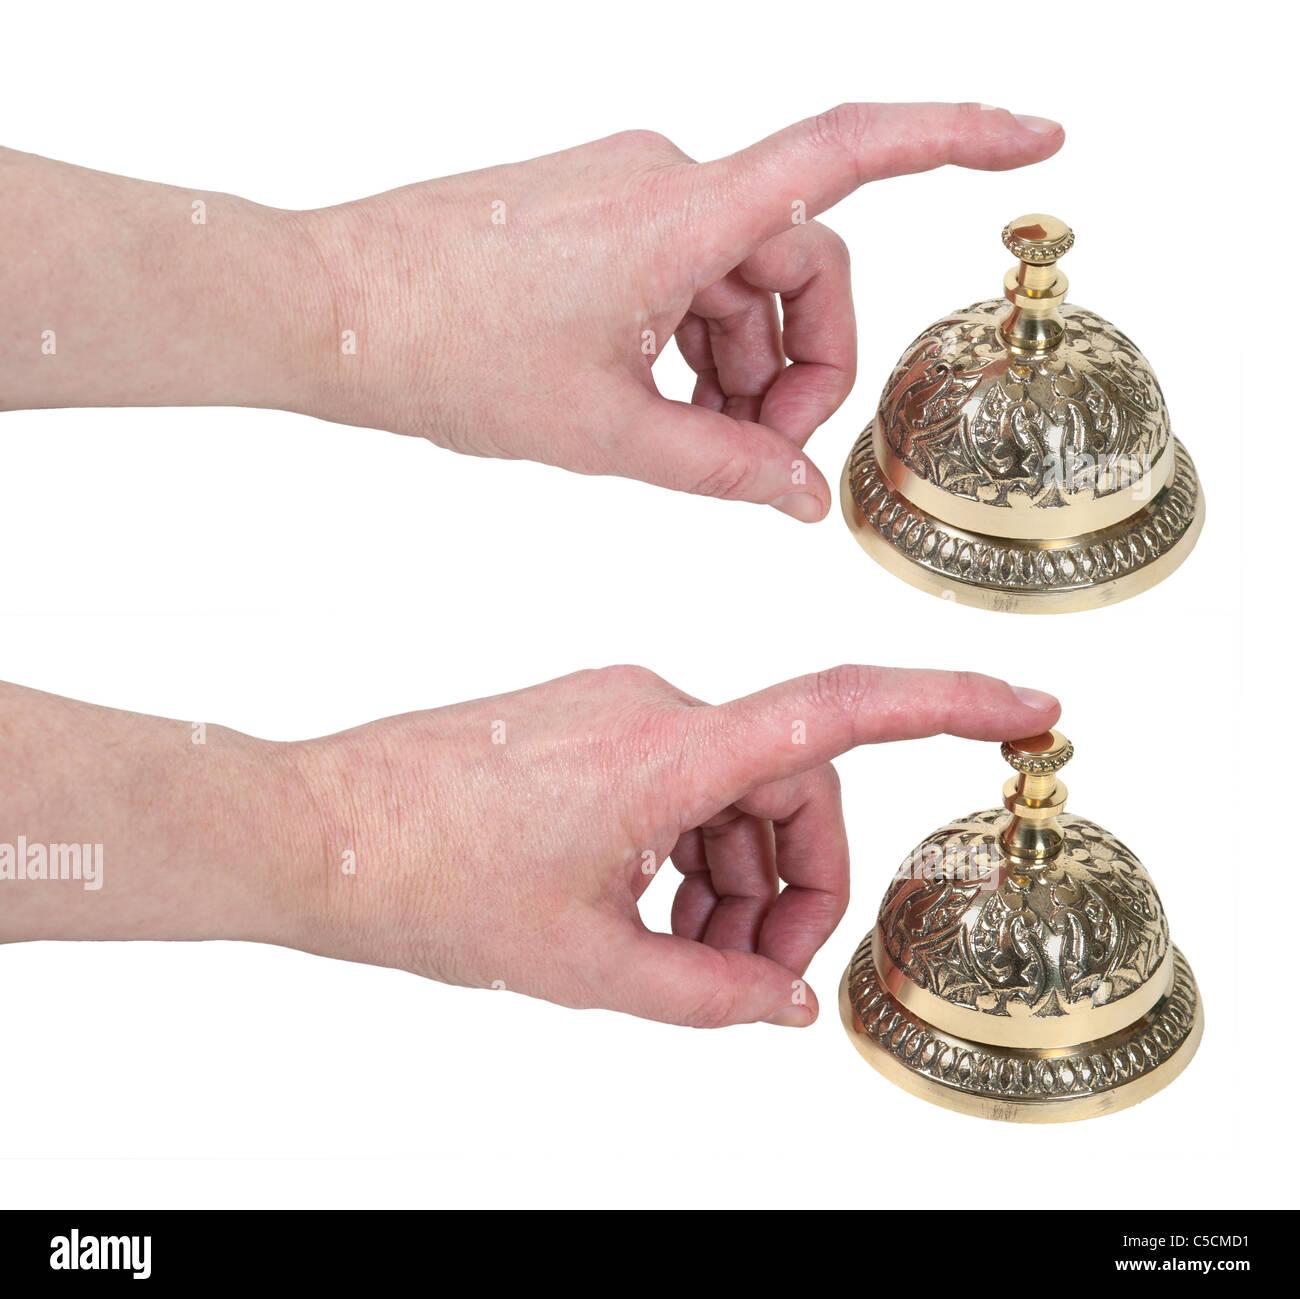 Wie man für Service gezeigt von einer Hand Tippen auf eine komplizierte Dienst Messingglocke ring platziert Stockbild